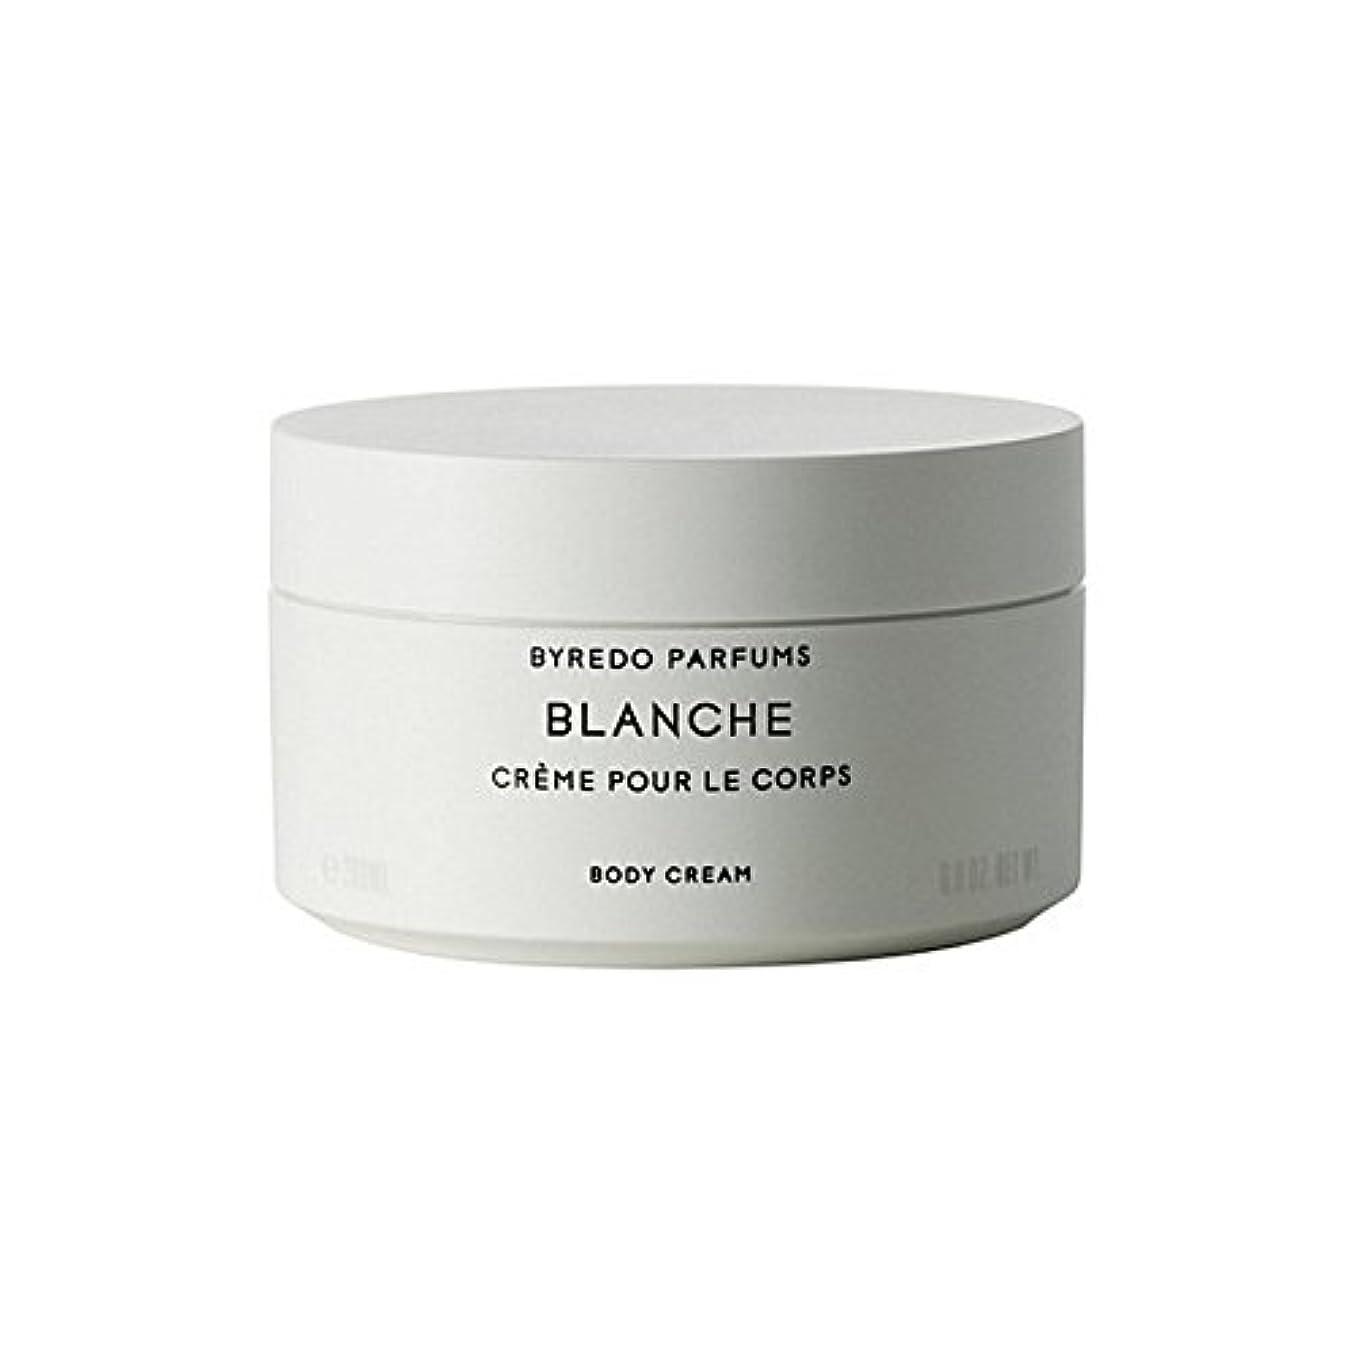 バーチャルバルブデッドロックブランシュボディクリーム200ミリリットル x4 - Byredo Blanche Body Cream 200ml (Pack of 4) [並行輸入品]